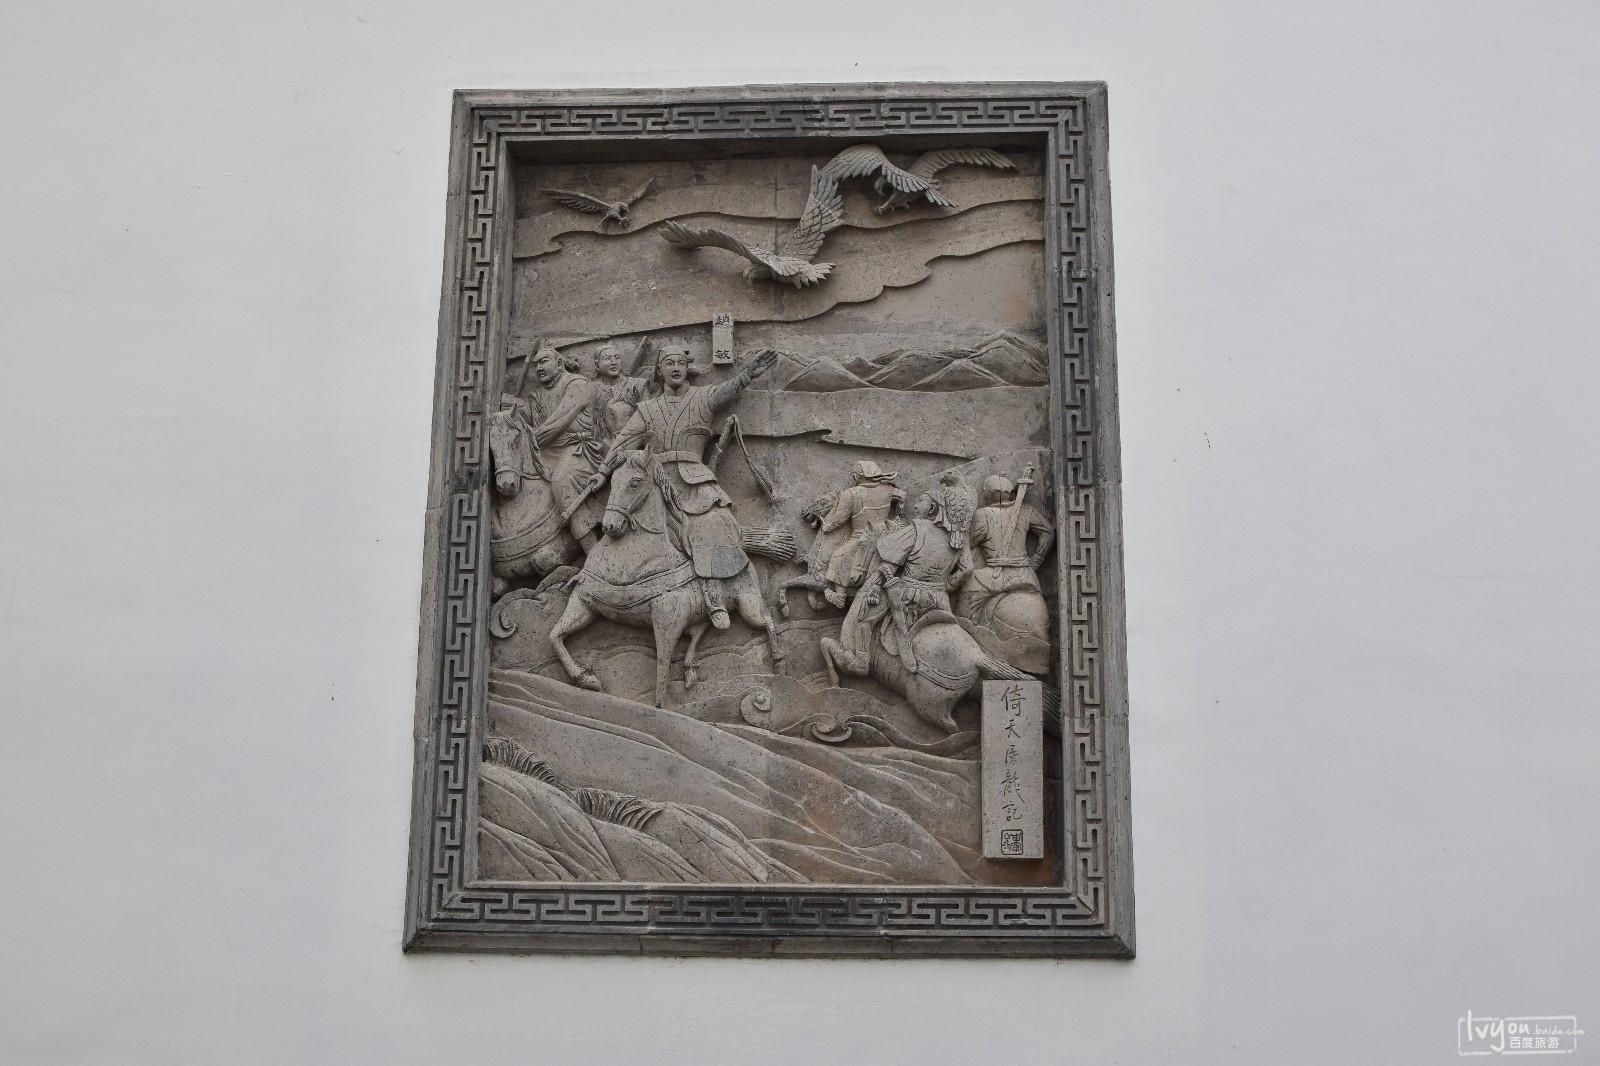 走进书院,一排的石雕壁画,一幅幅都表现了金庸的作品,比如这幅倚天